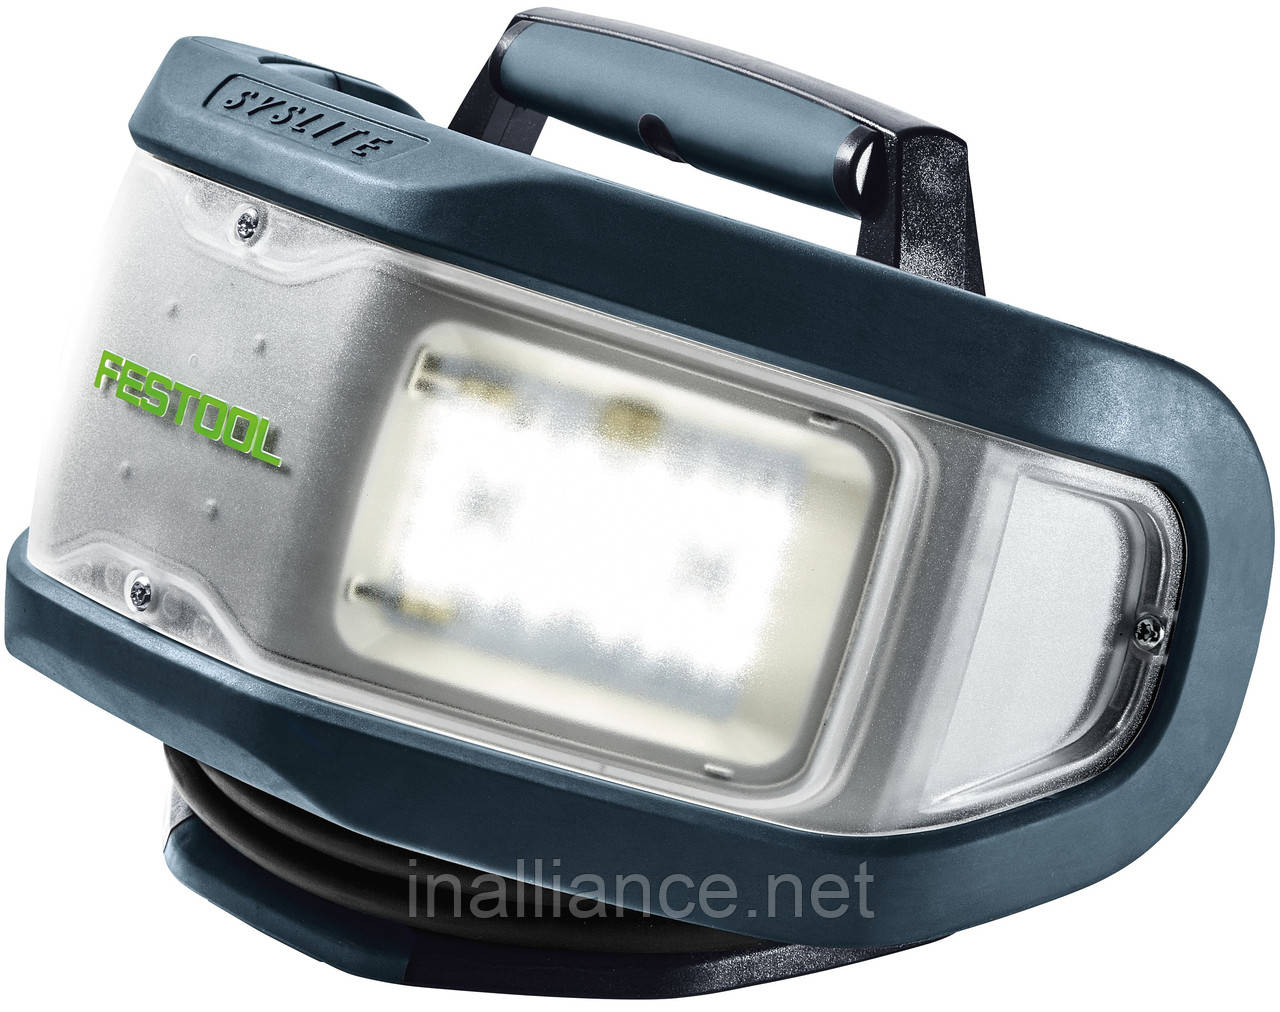 Рабочая лампа для строительных площадок DUO-Plus Festool 769962